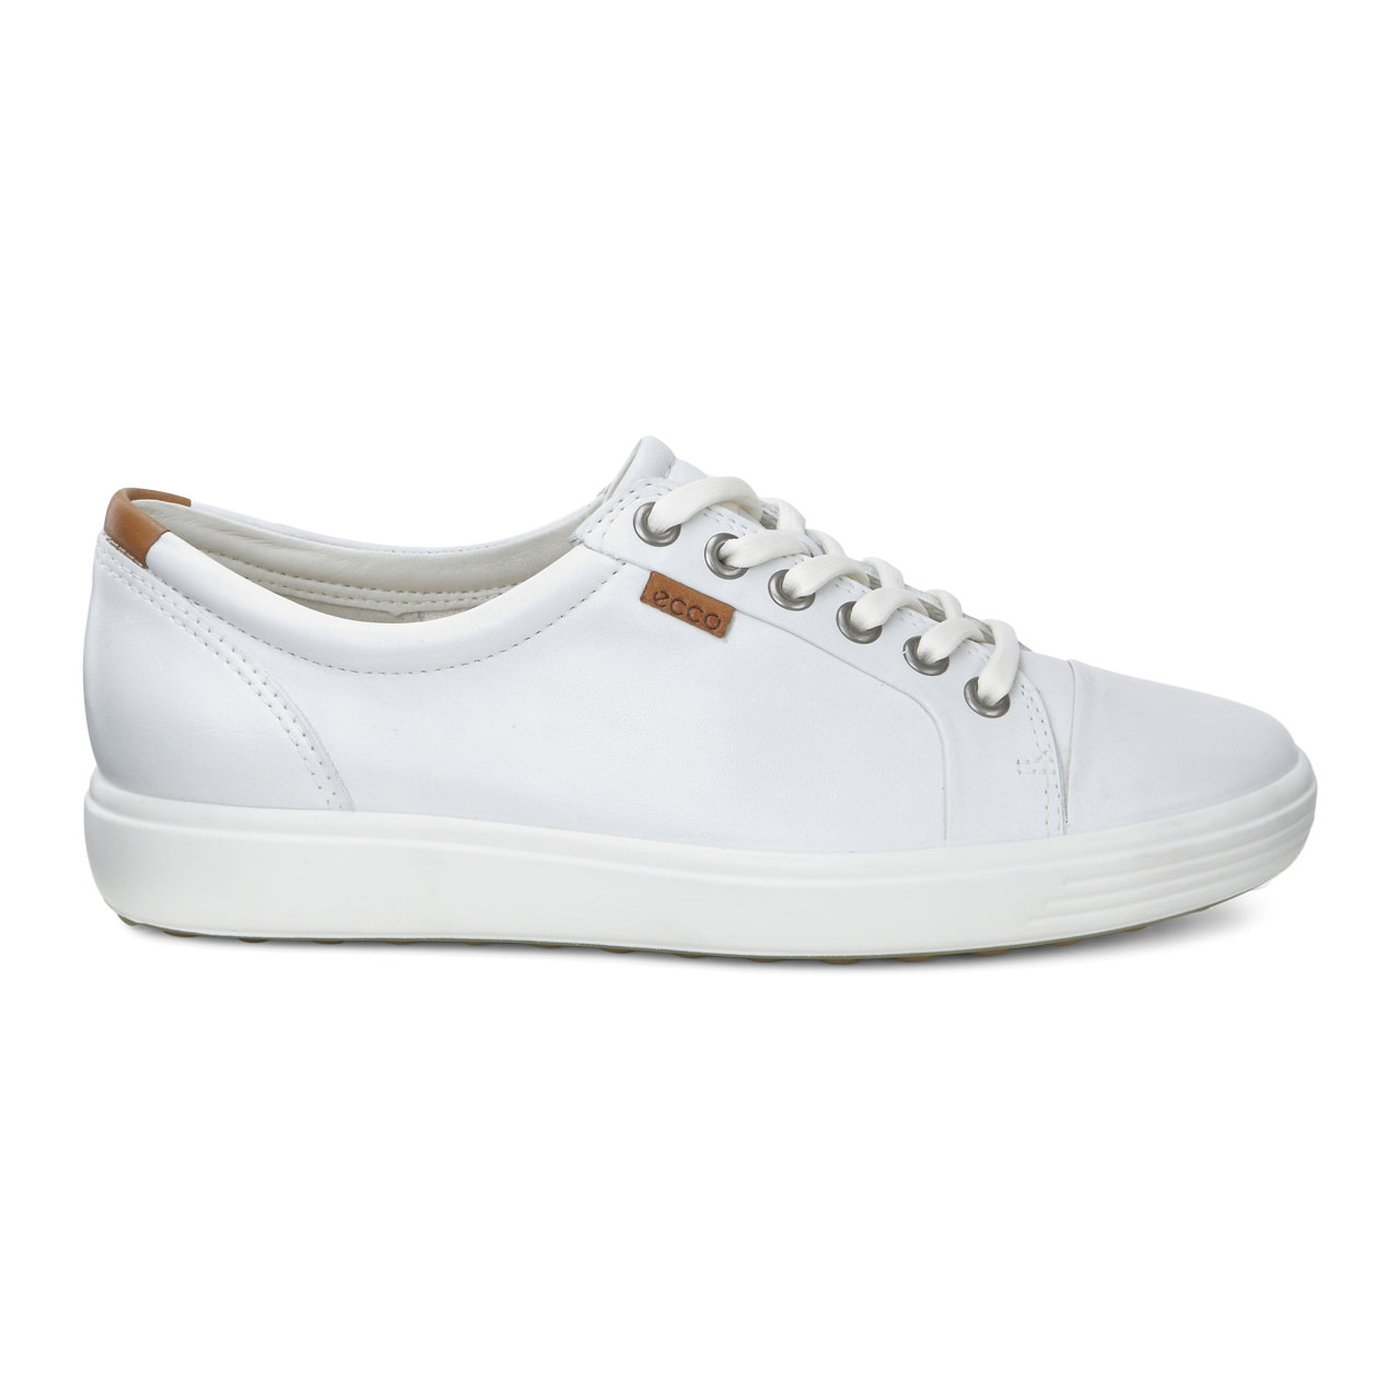 ECCO SOFT 7 Women's Sneaker